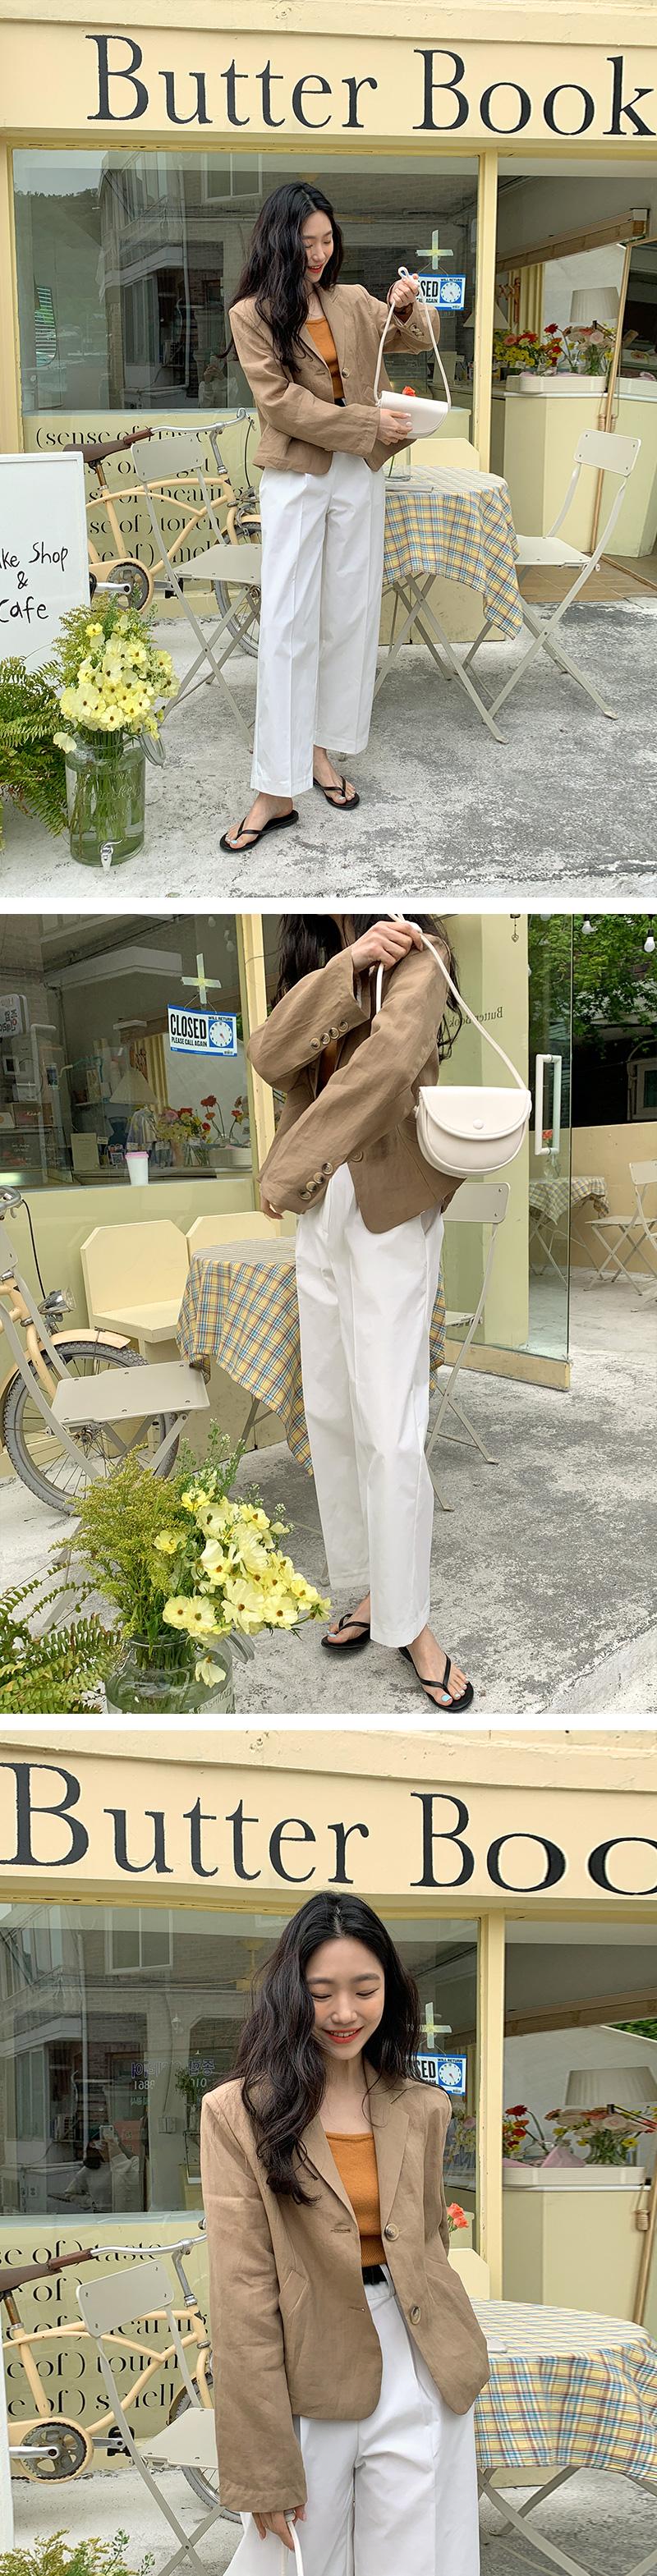 Little Half Moon Leather Shoulder Bag